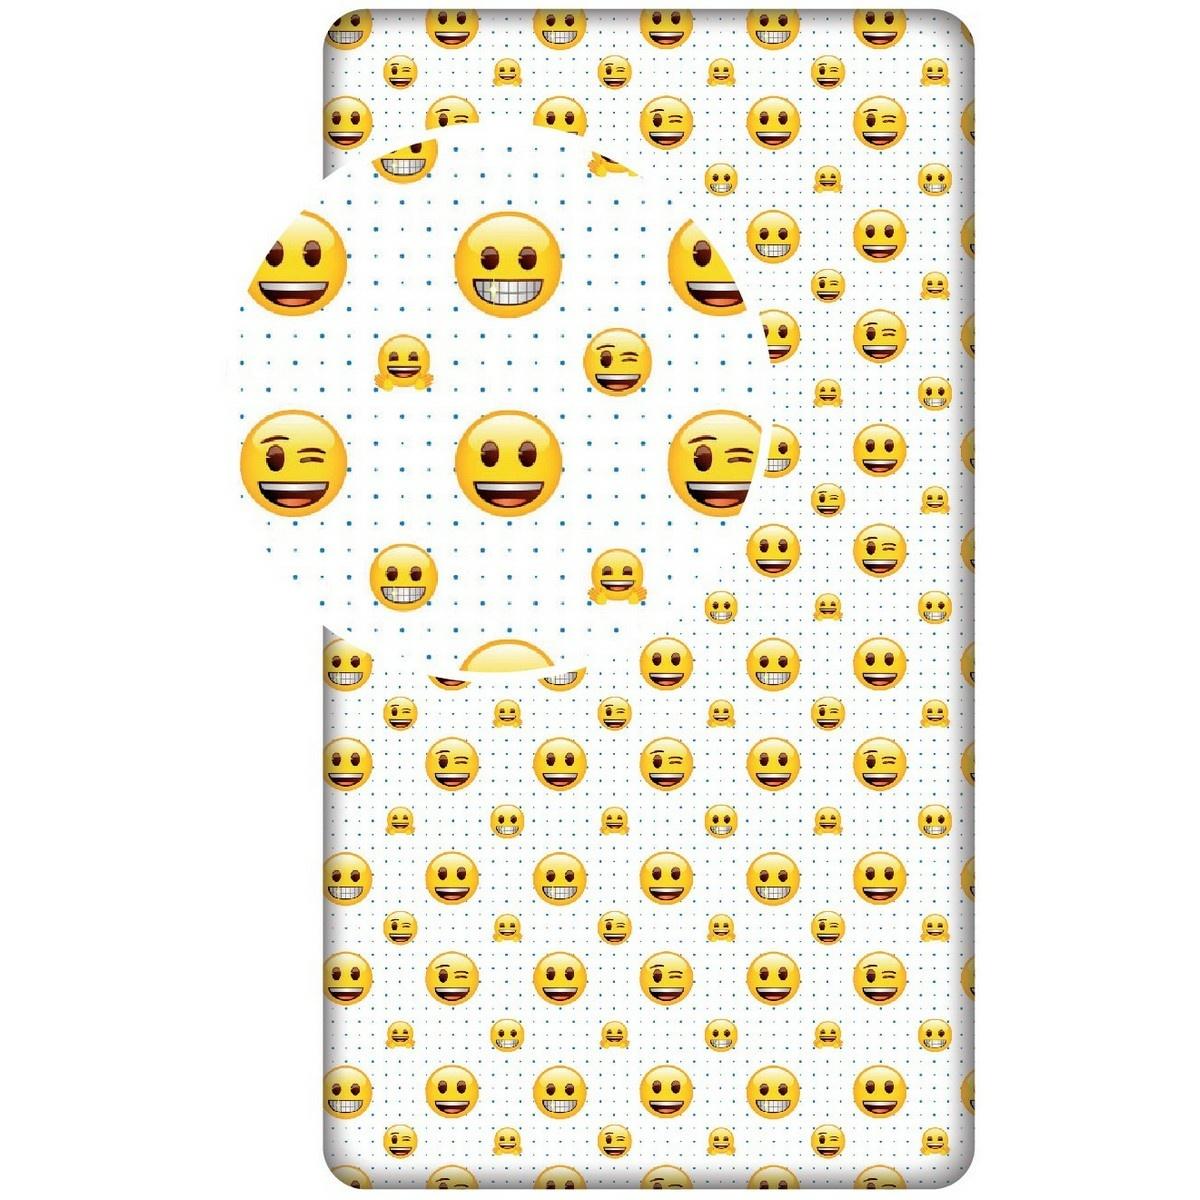 Jerry Fabrics Dětské bavlněné prostěradlo Emoji 213, 90 x 200 + 25 cm